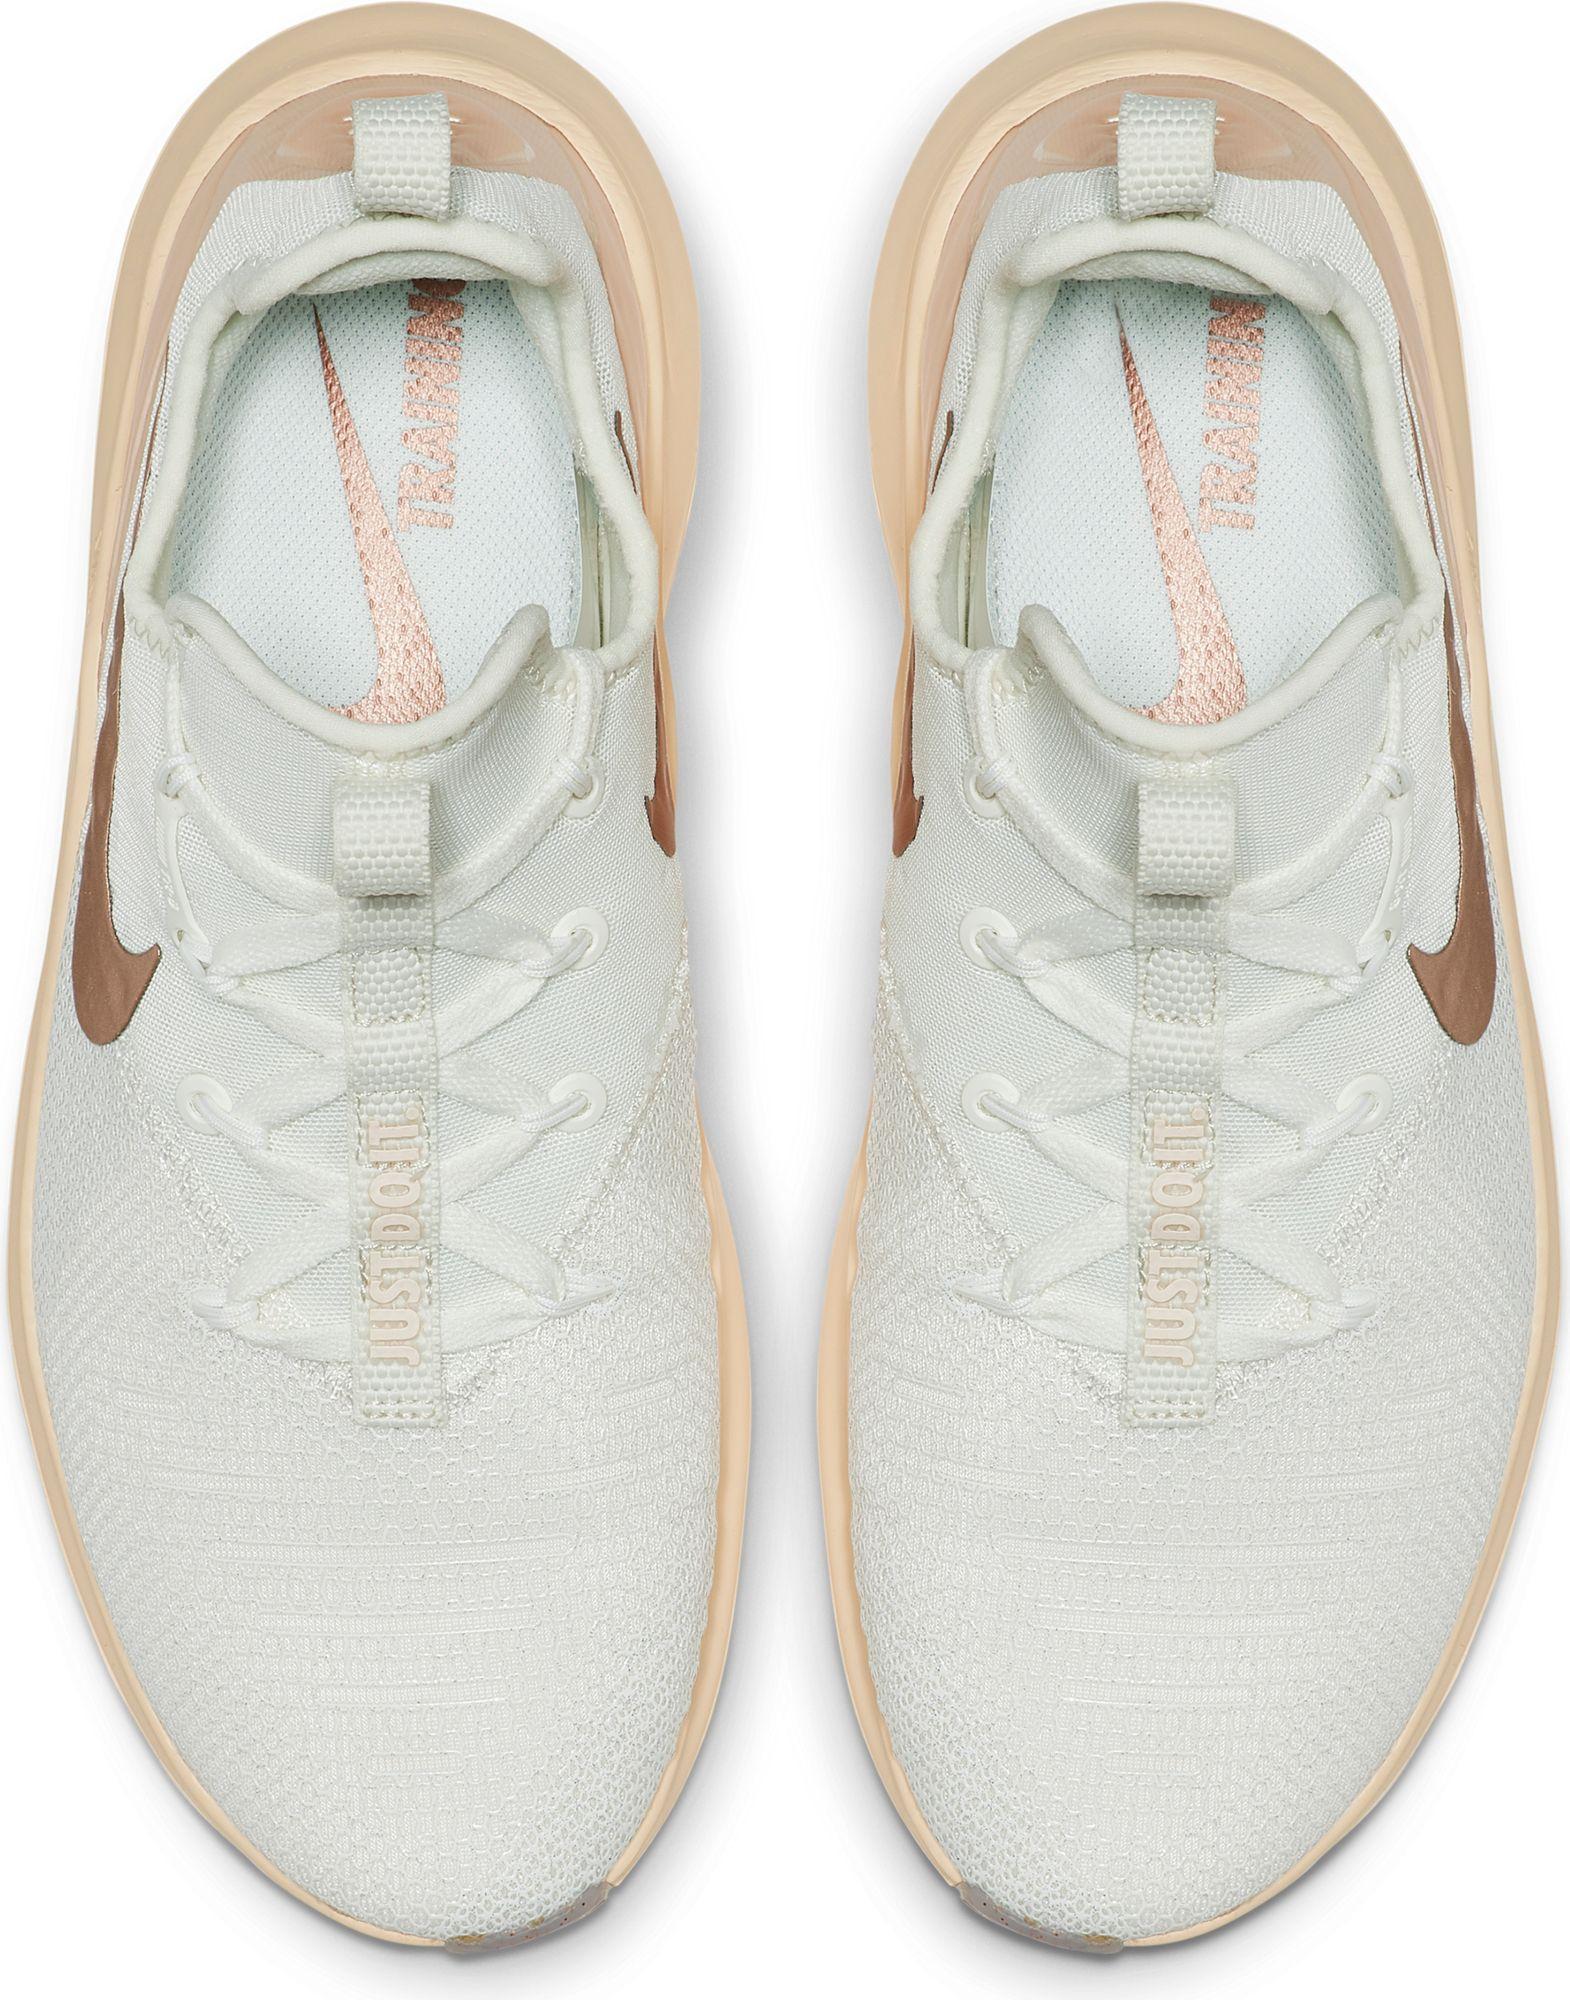 Free Tr 8 Premium Training Shoe